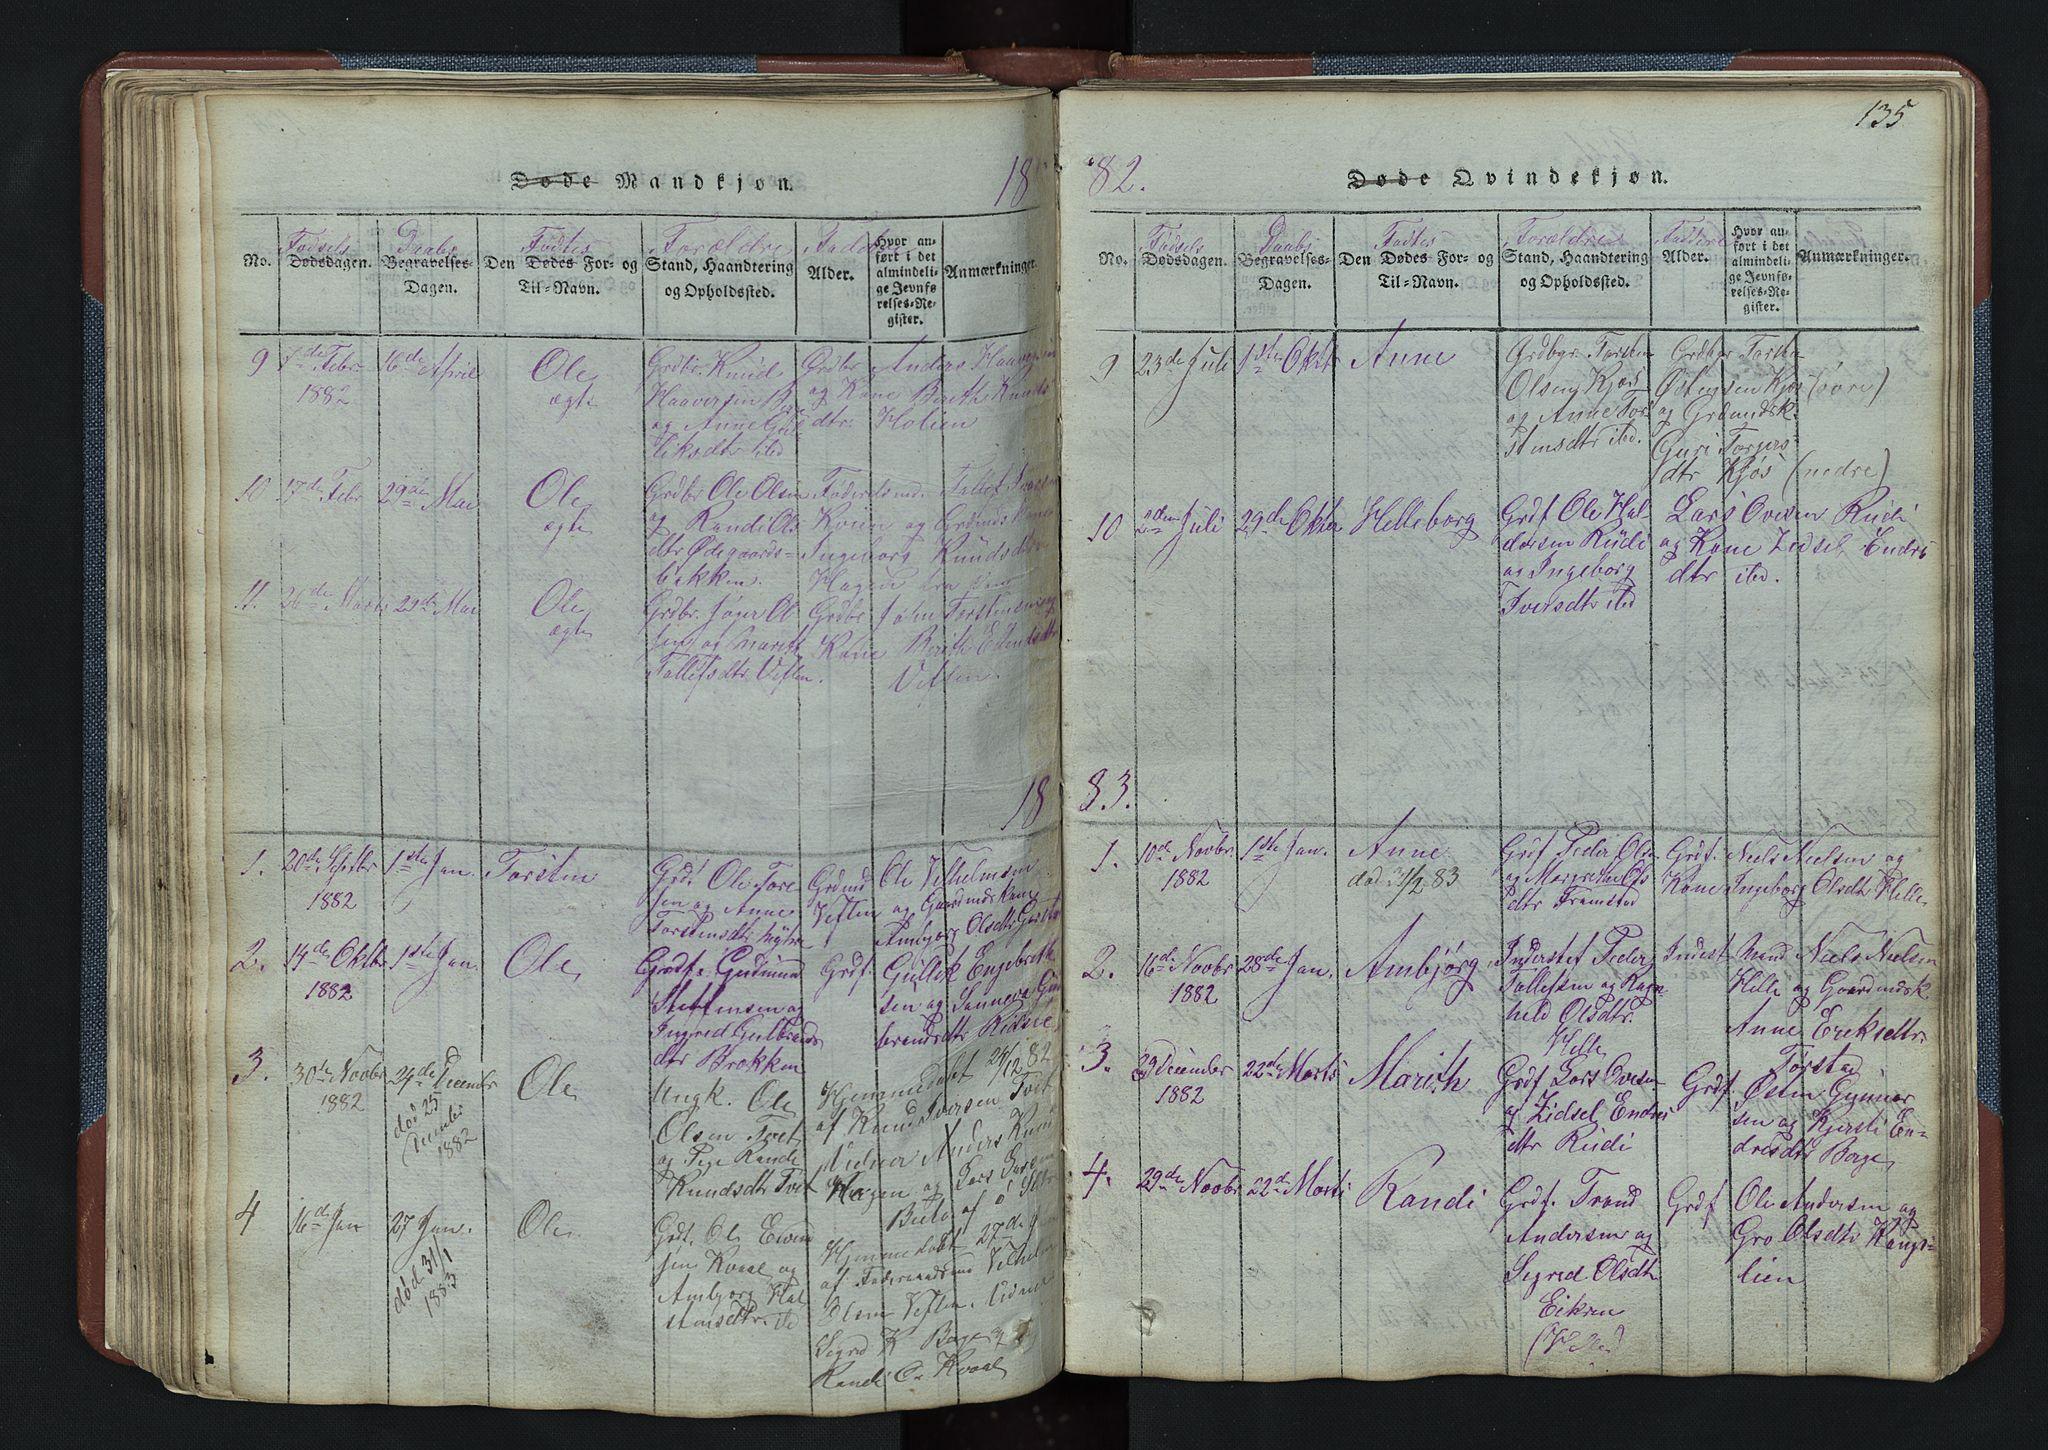 SAH, Vang prestekontor, Valdres, Klokkerbok nr. 3, 1814-1892, s. 135